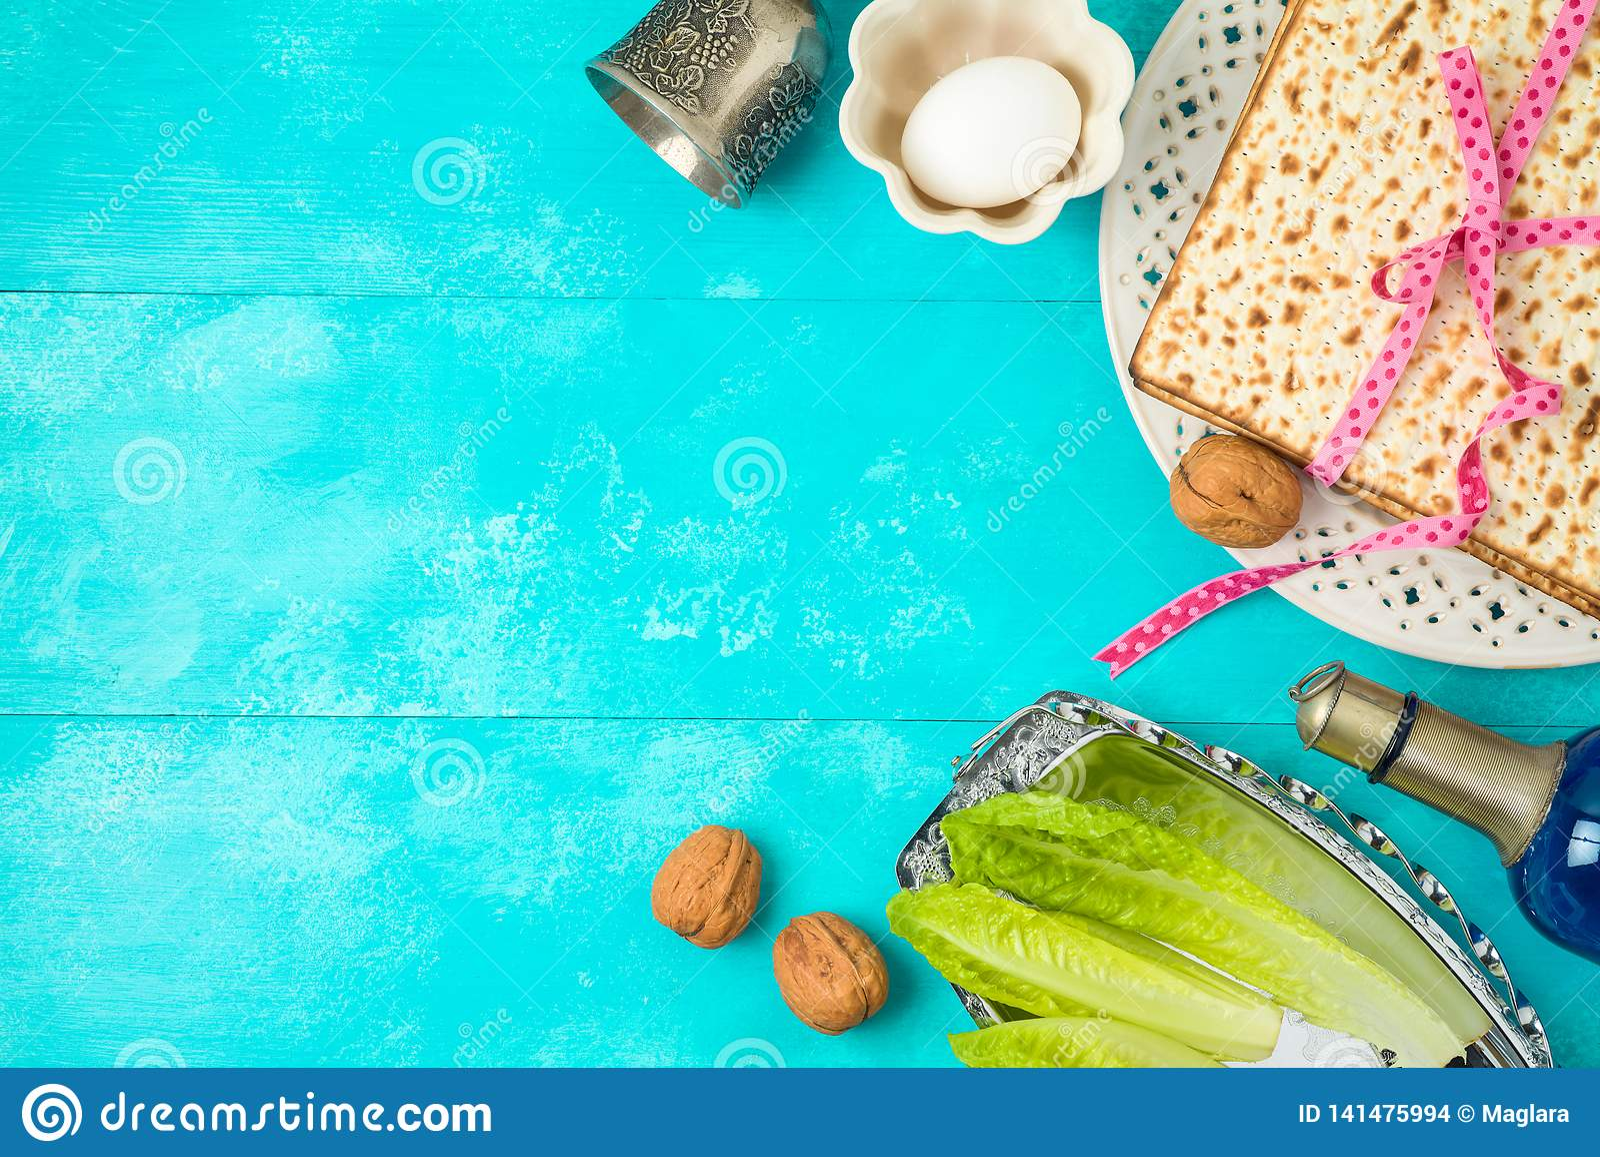 Fondo judío de la pascua judía del día de fiesta con el matzo, la placa del seder y el vino en la tabla de madera